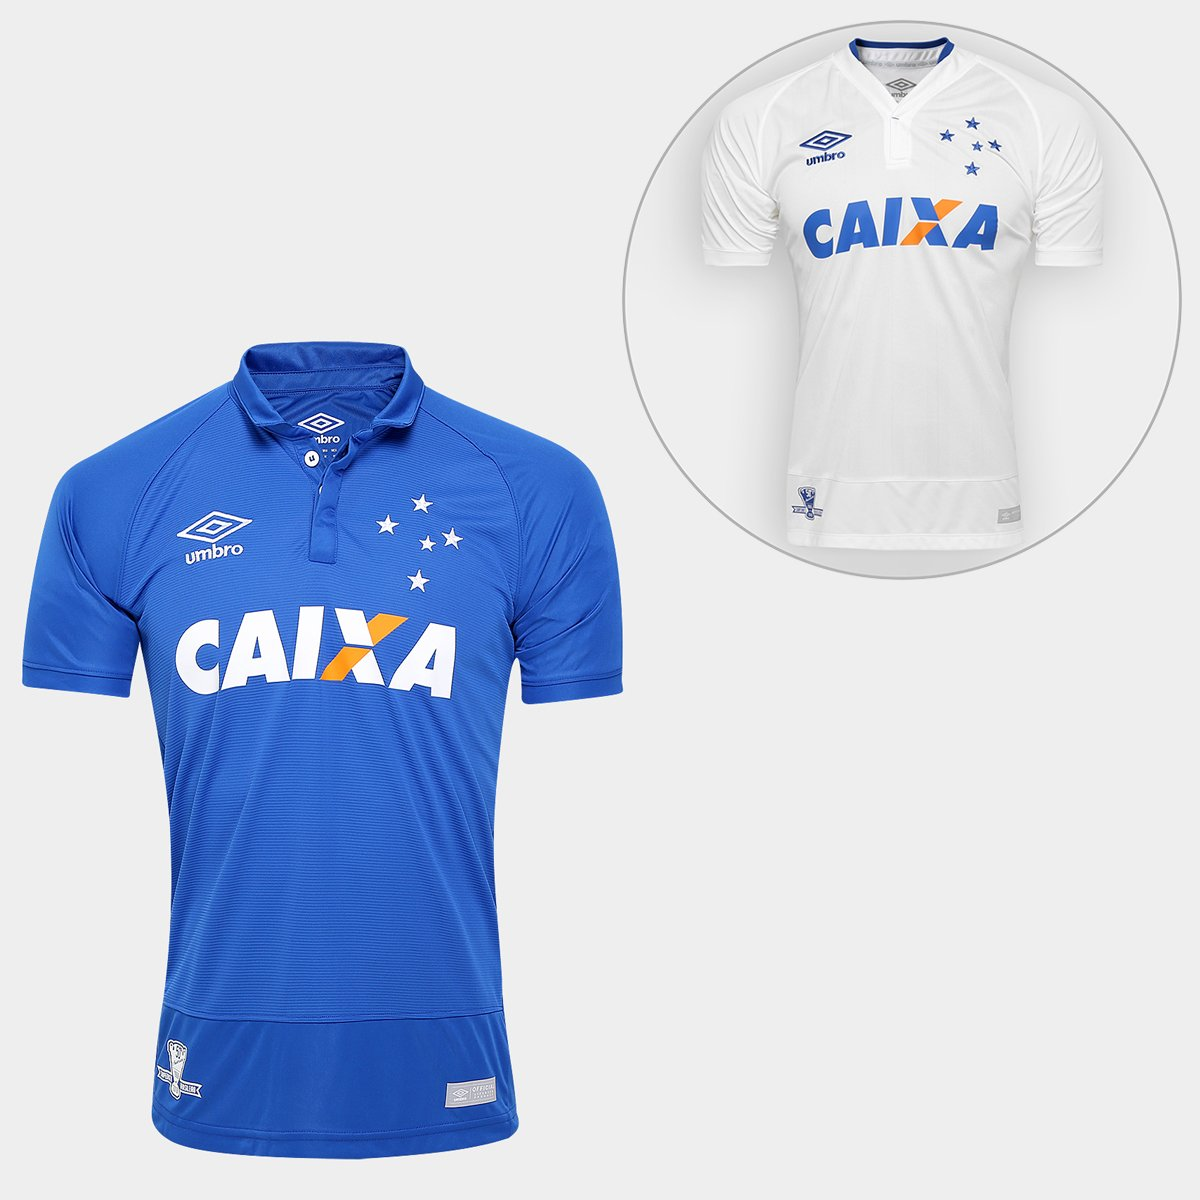 Kit Umbro Cruzeiro 16 17 - Camisa I + Camisa II - Compre Agora ... 4a43837370de8